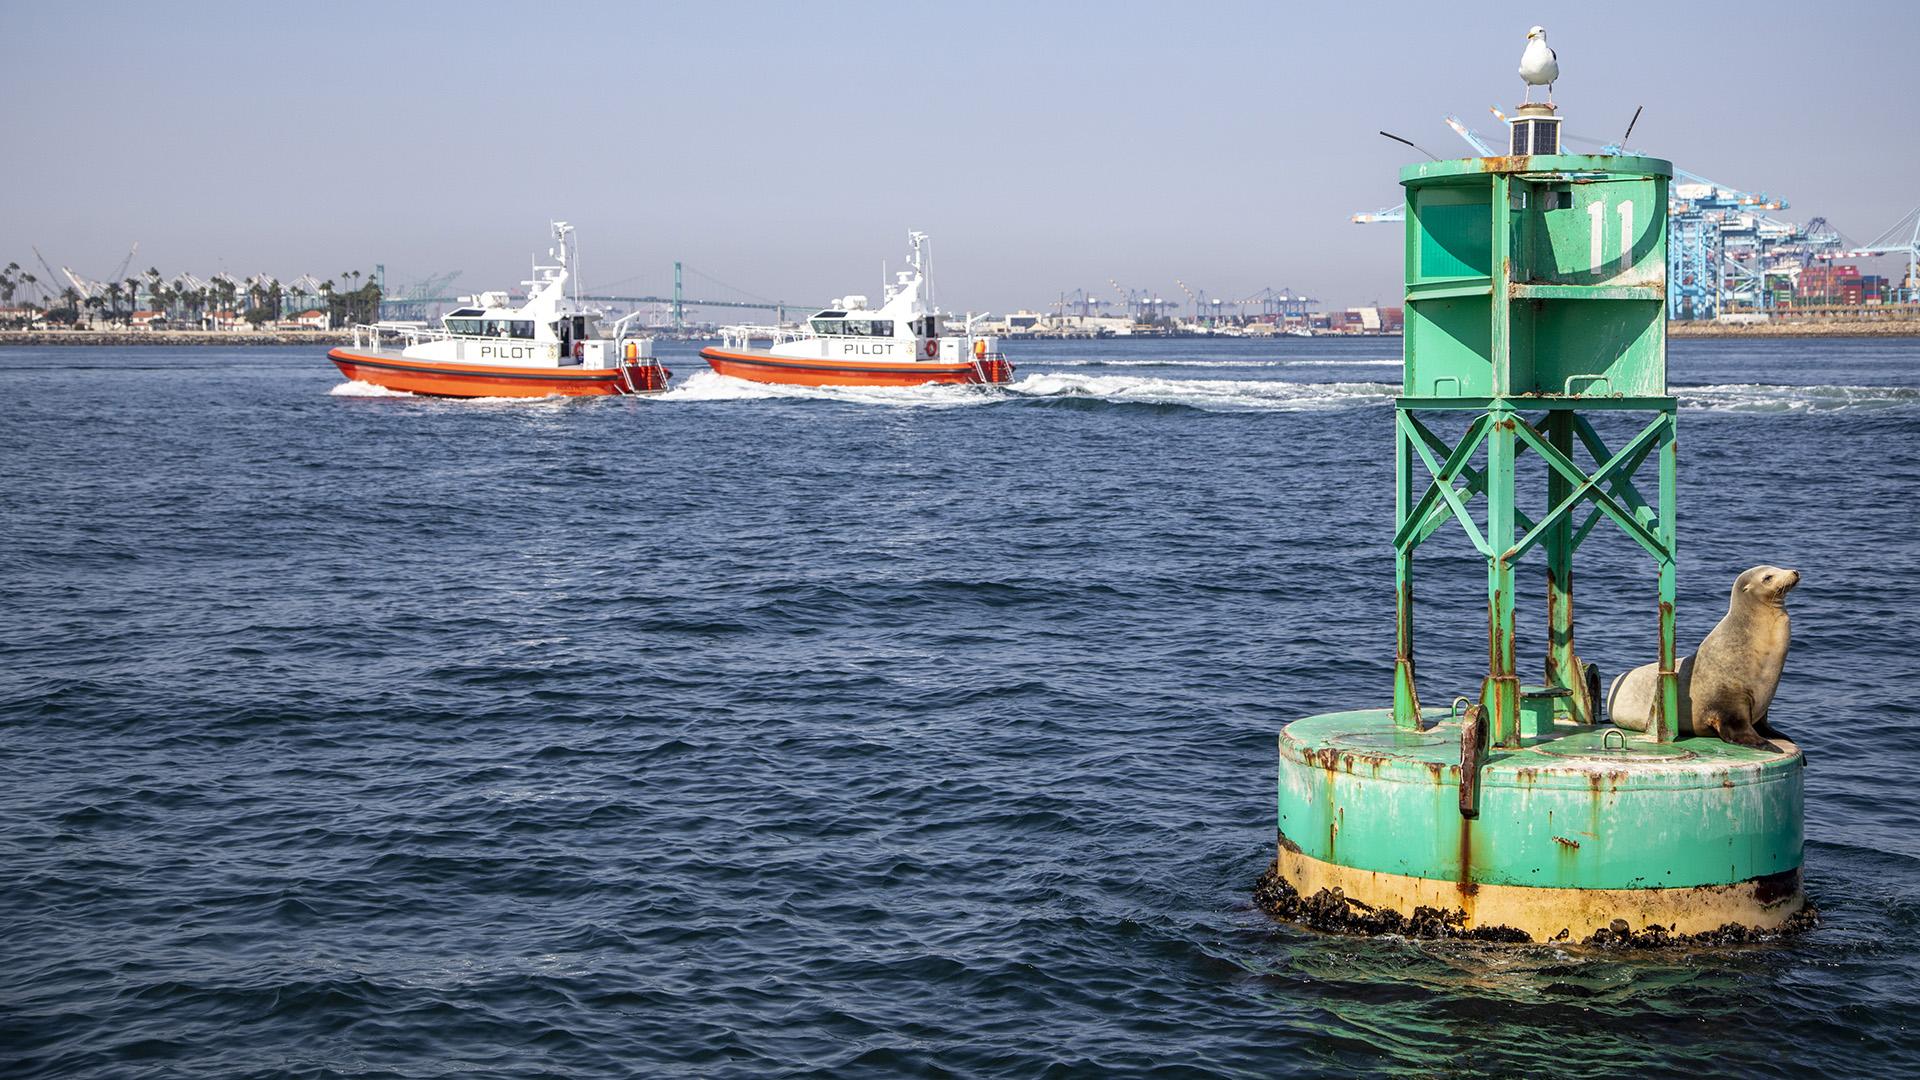 Buoy and Boats